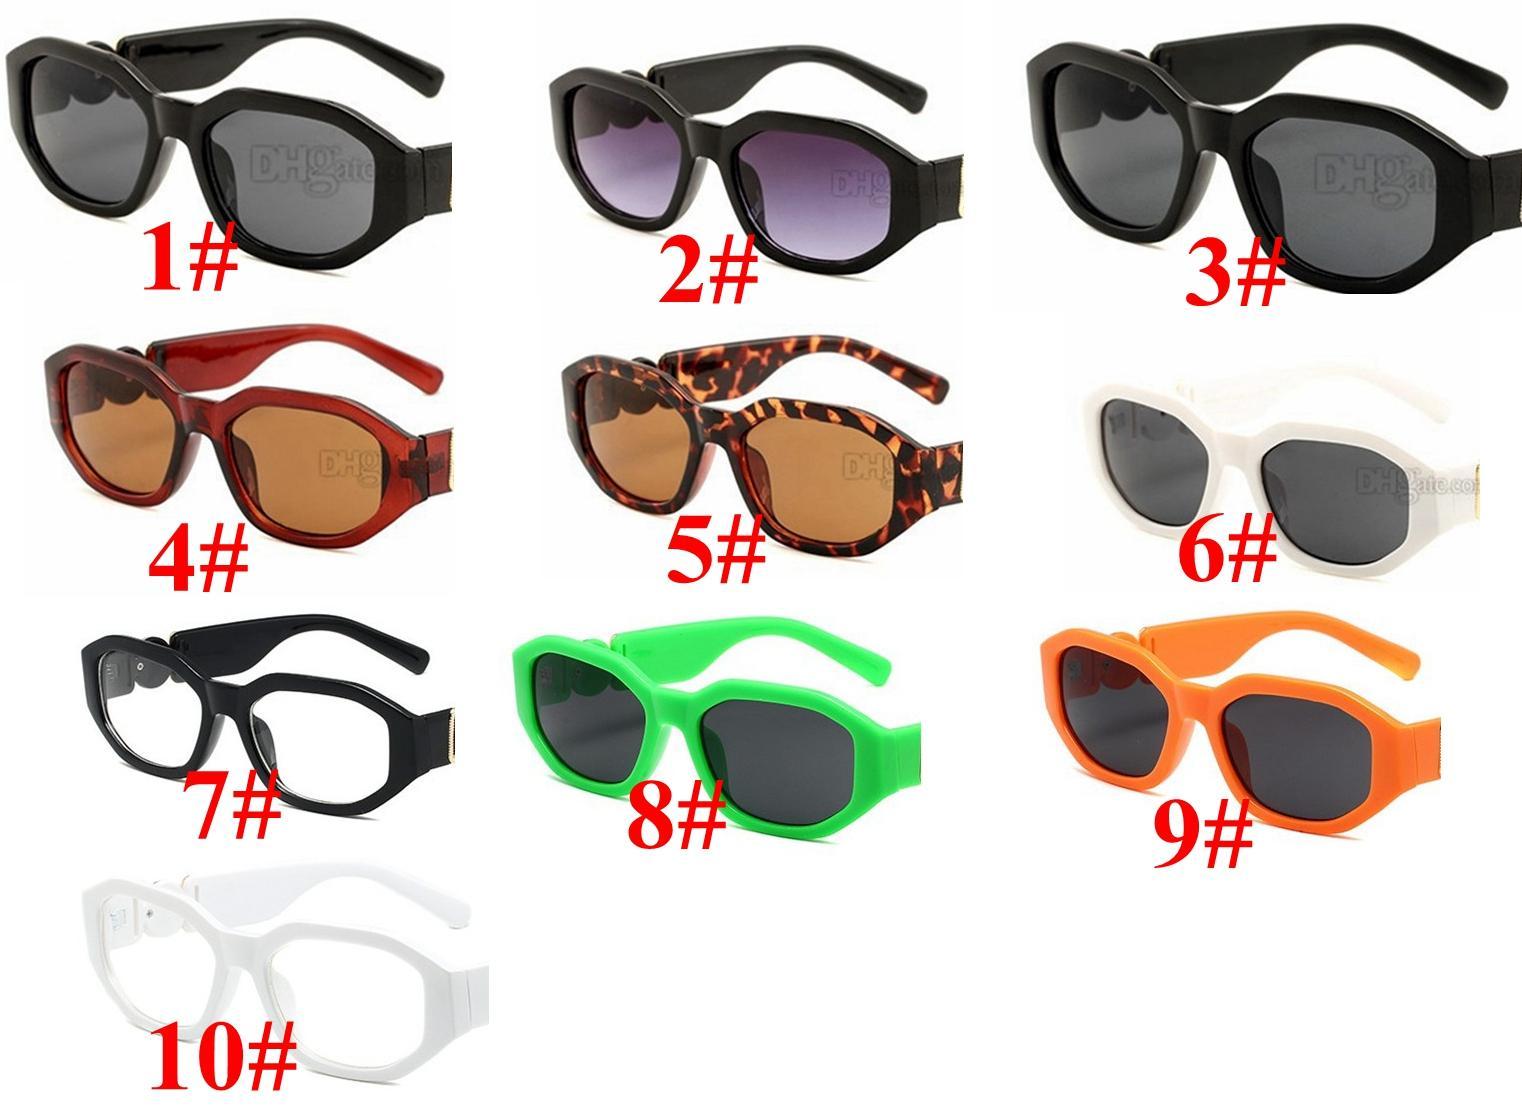 Piccoli occhiali da sole rotondi retrò Uomini donne rivetto leopardo tè tè sfumature vintage nuovo designer occhiali oculos uv400 10 colori gafas de sol 10 pz veloce